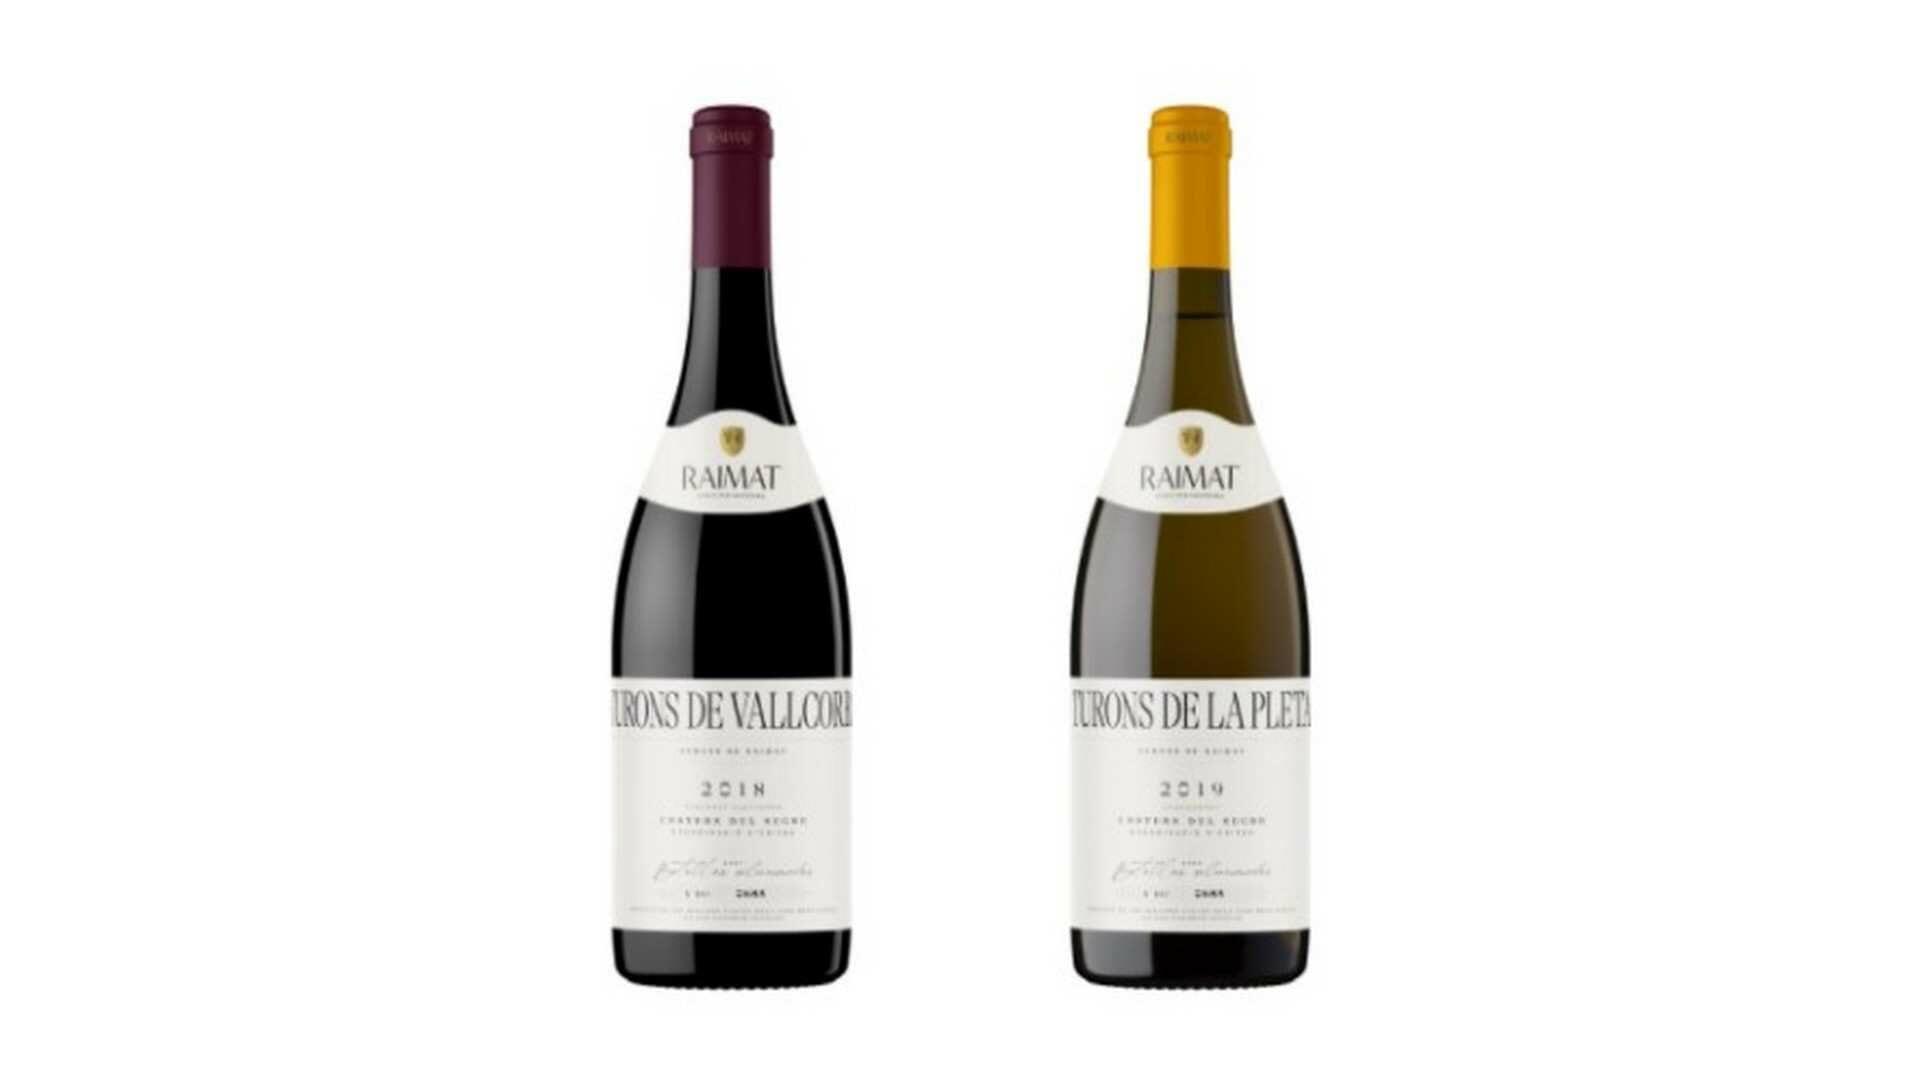 Raimat Turons, los vinos de finca de las colinas de Raimat